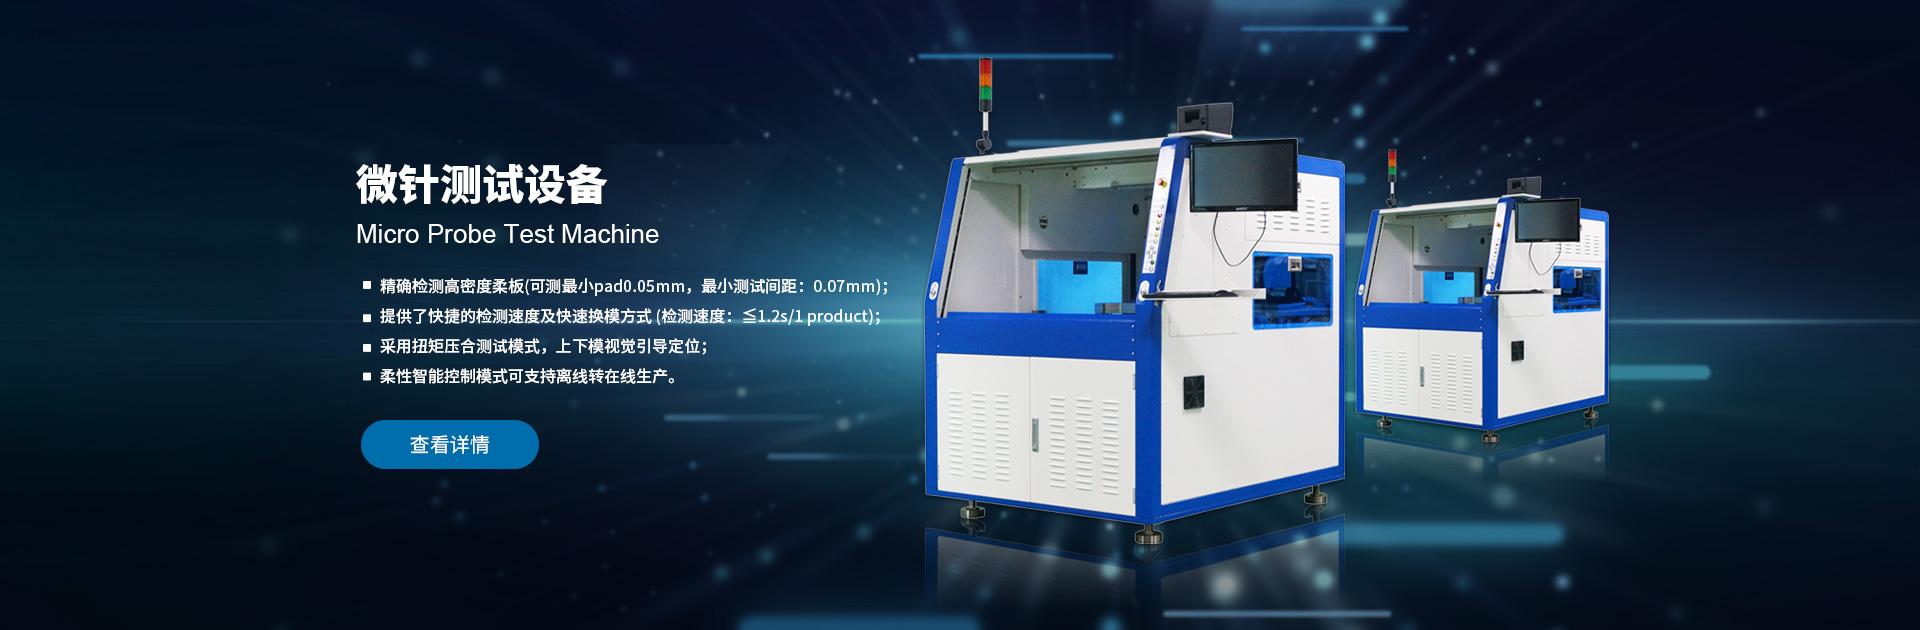 FPC微针自动化测试设备